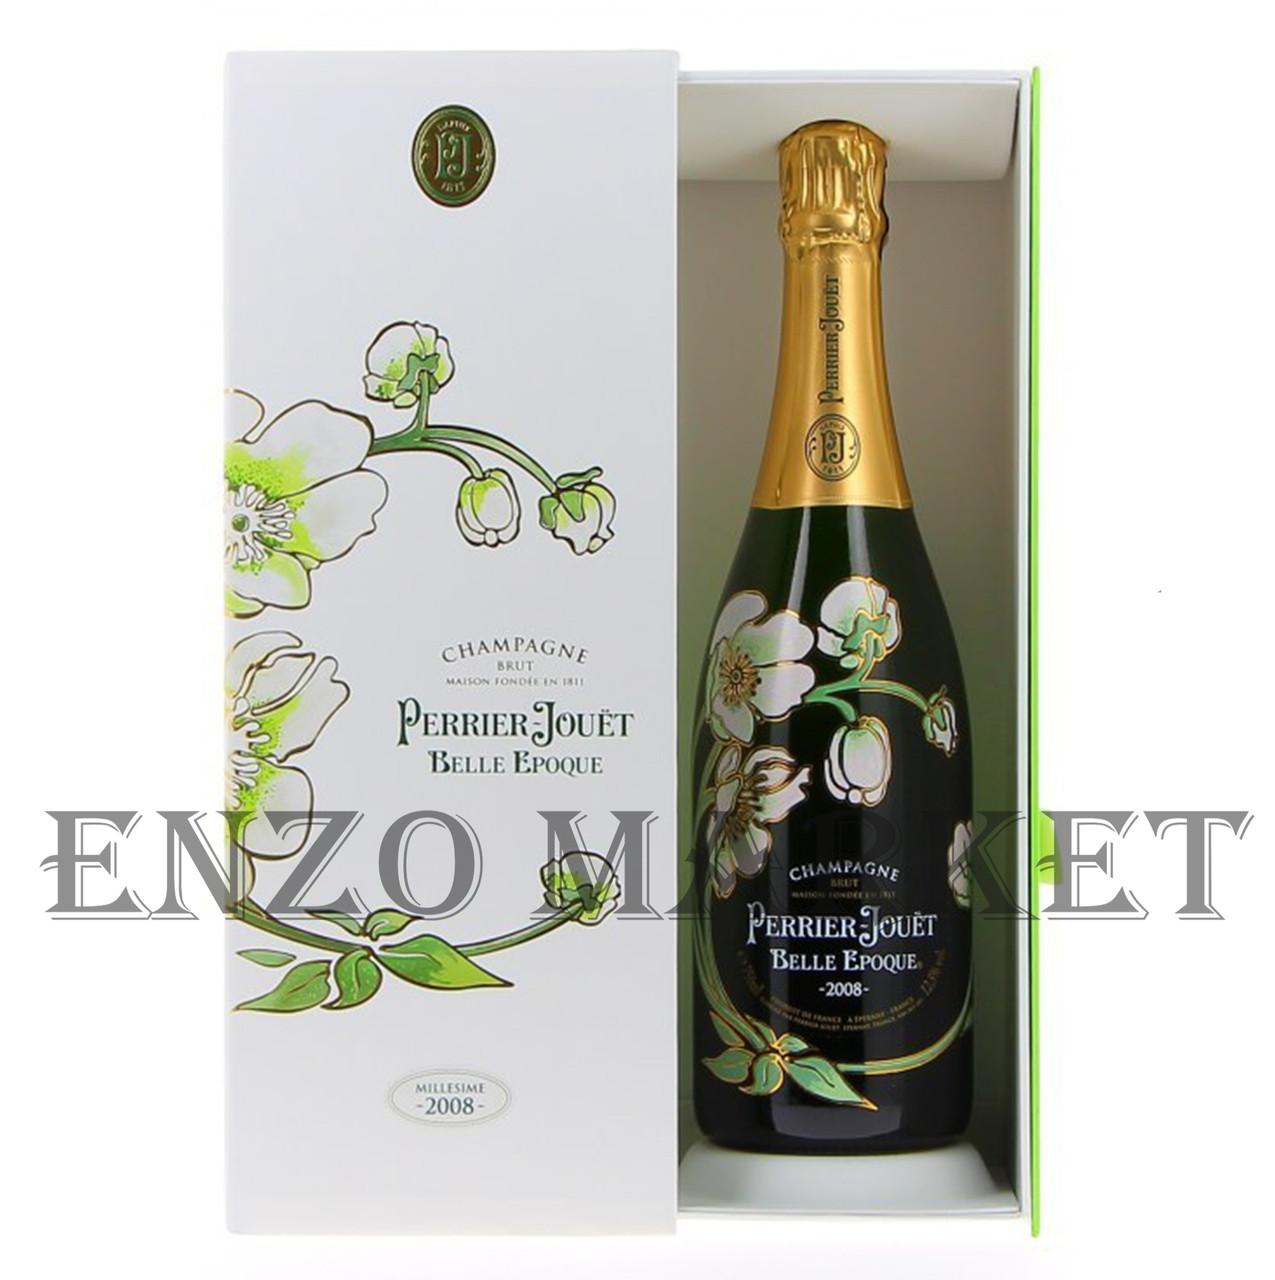 Шампанское Perrier Jouet Belle Epoque Brut (Перье Жует Брют) 12.5%, 0,75 литра